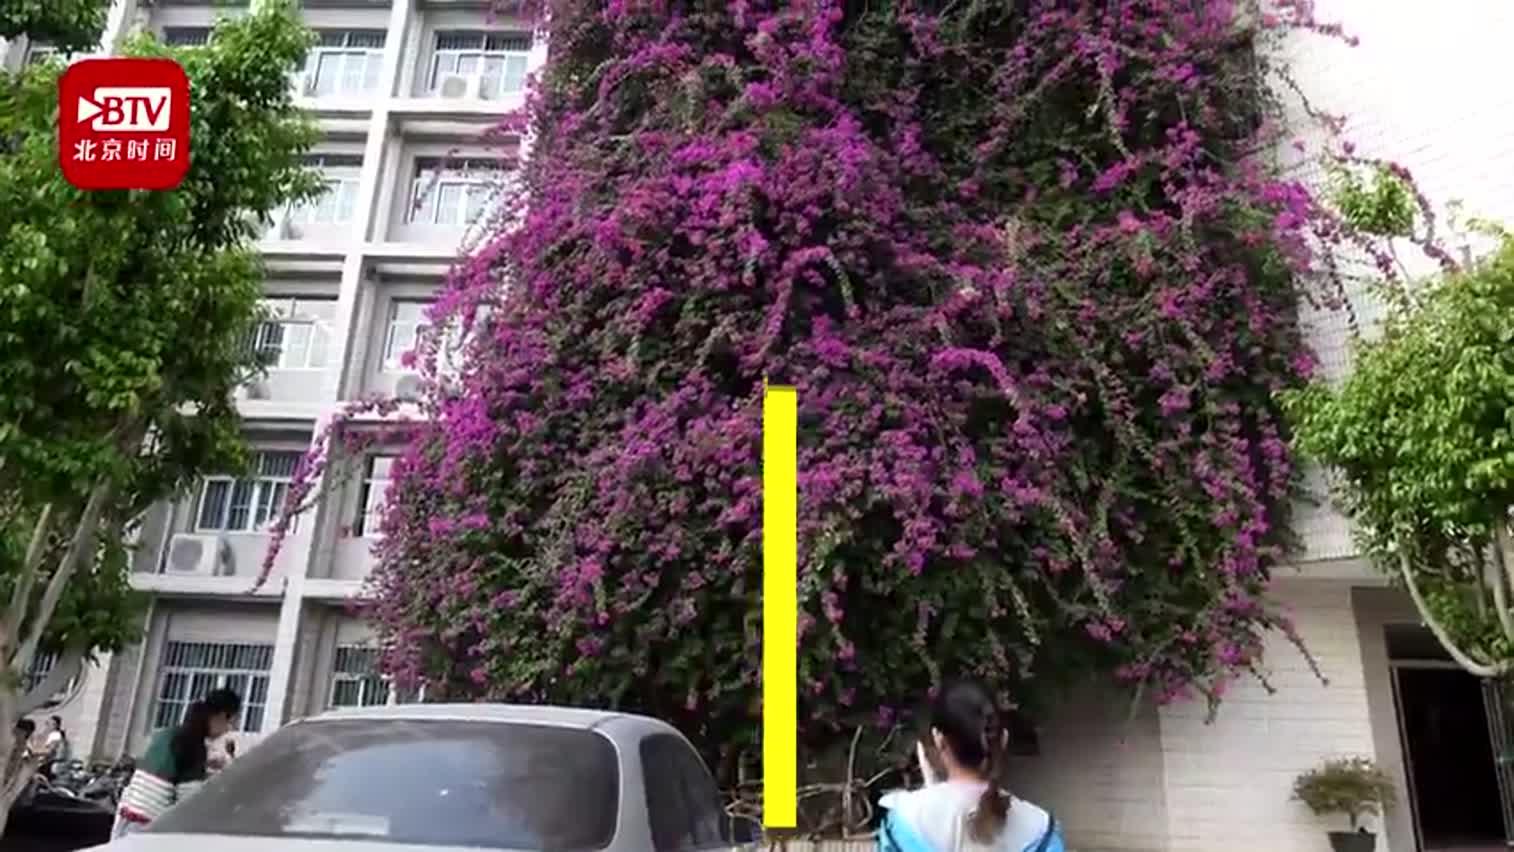 视频-巨无霸三角梅爬上7层高教学楼 似鲜花瀑布飞